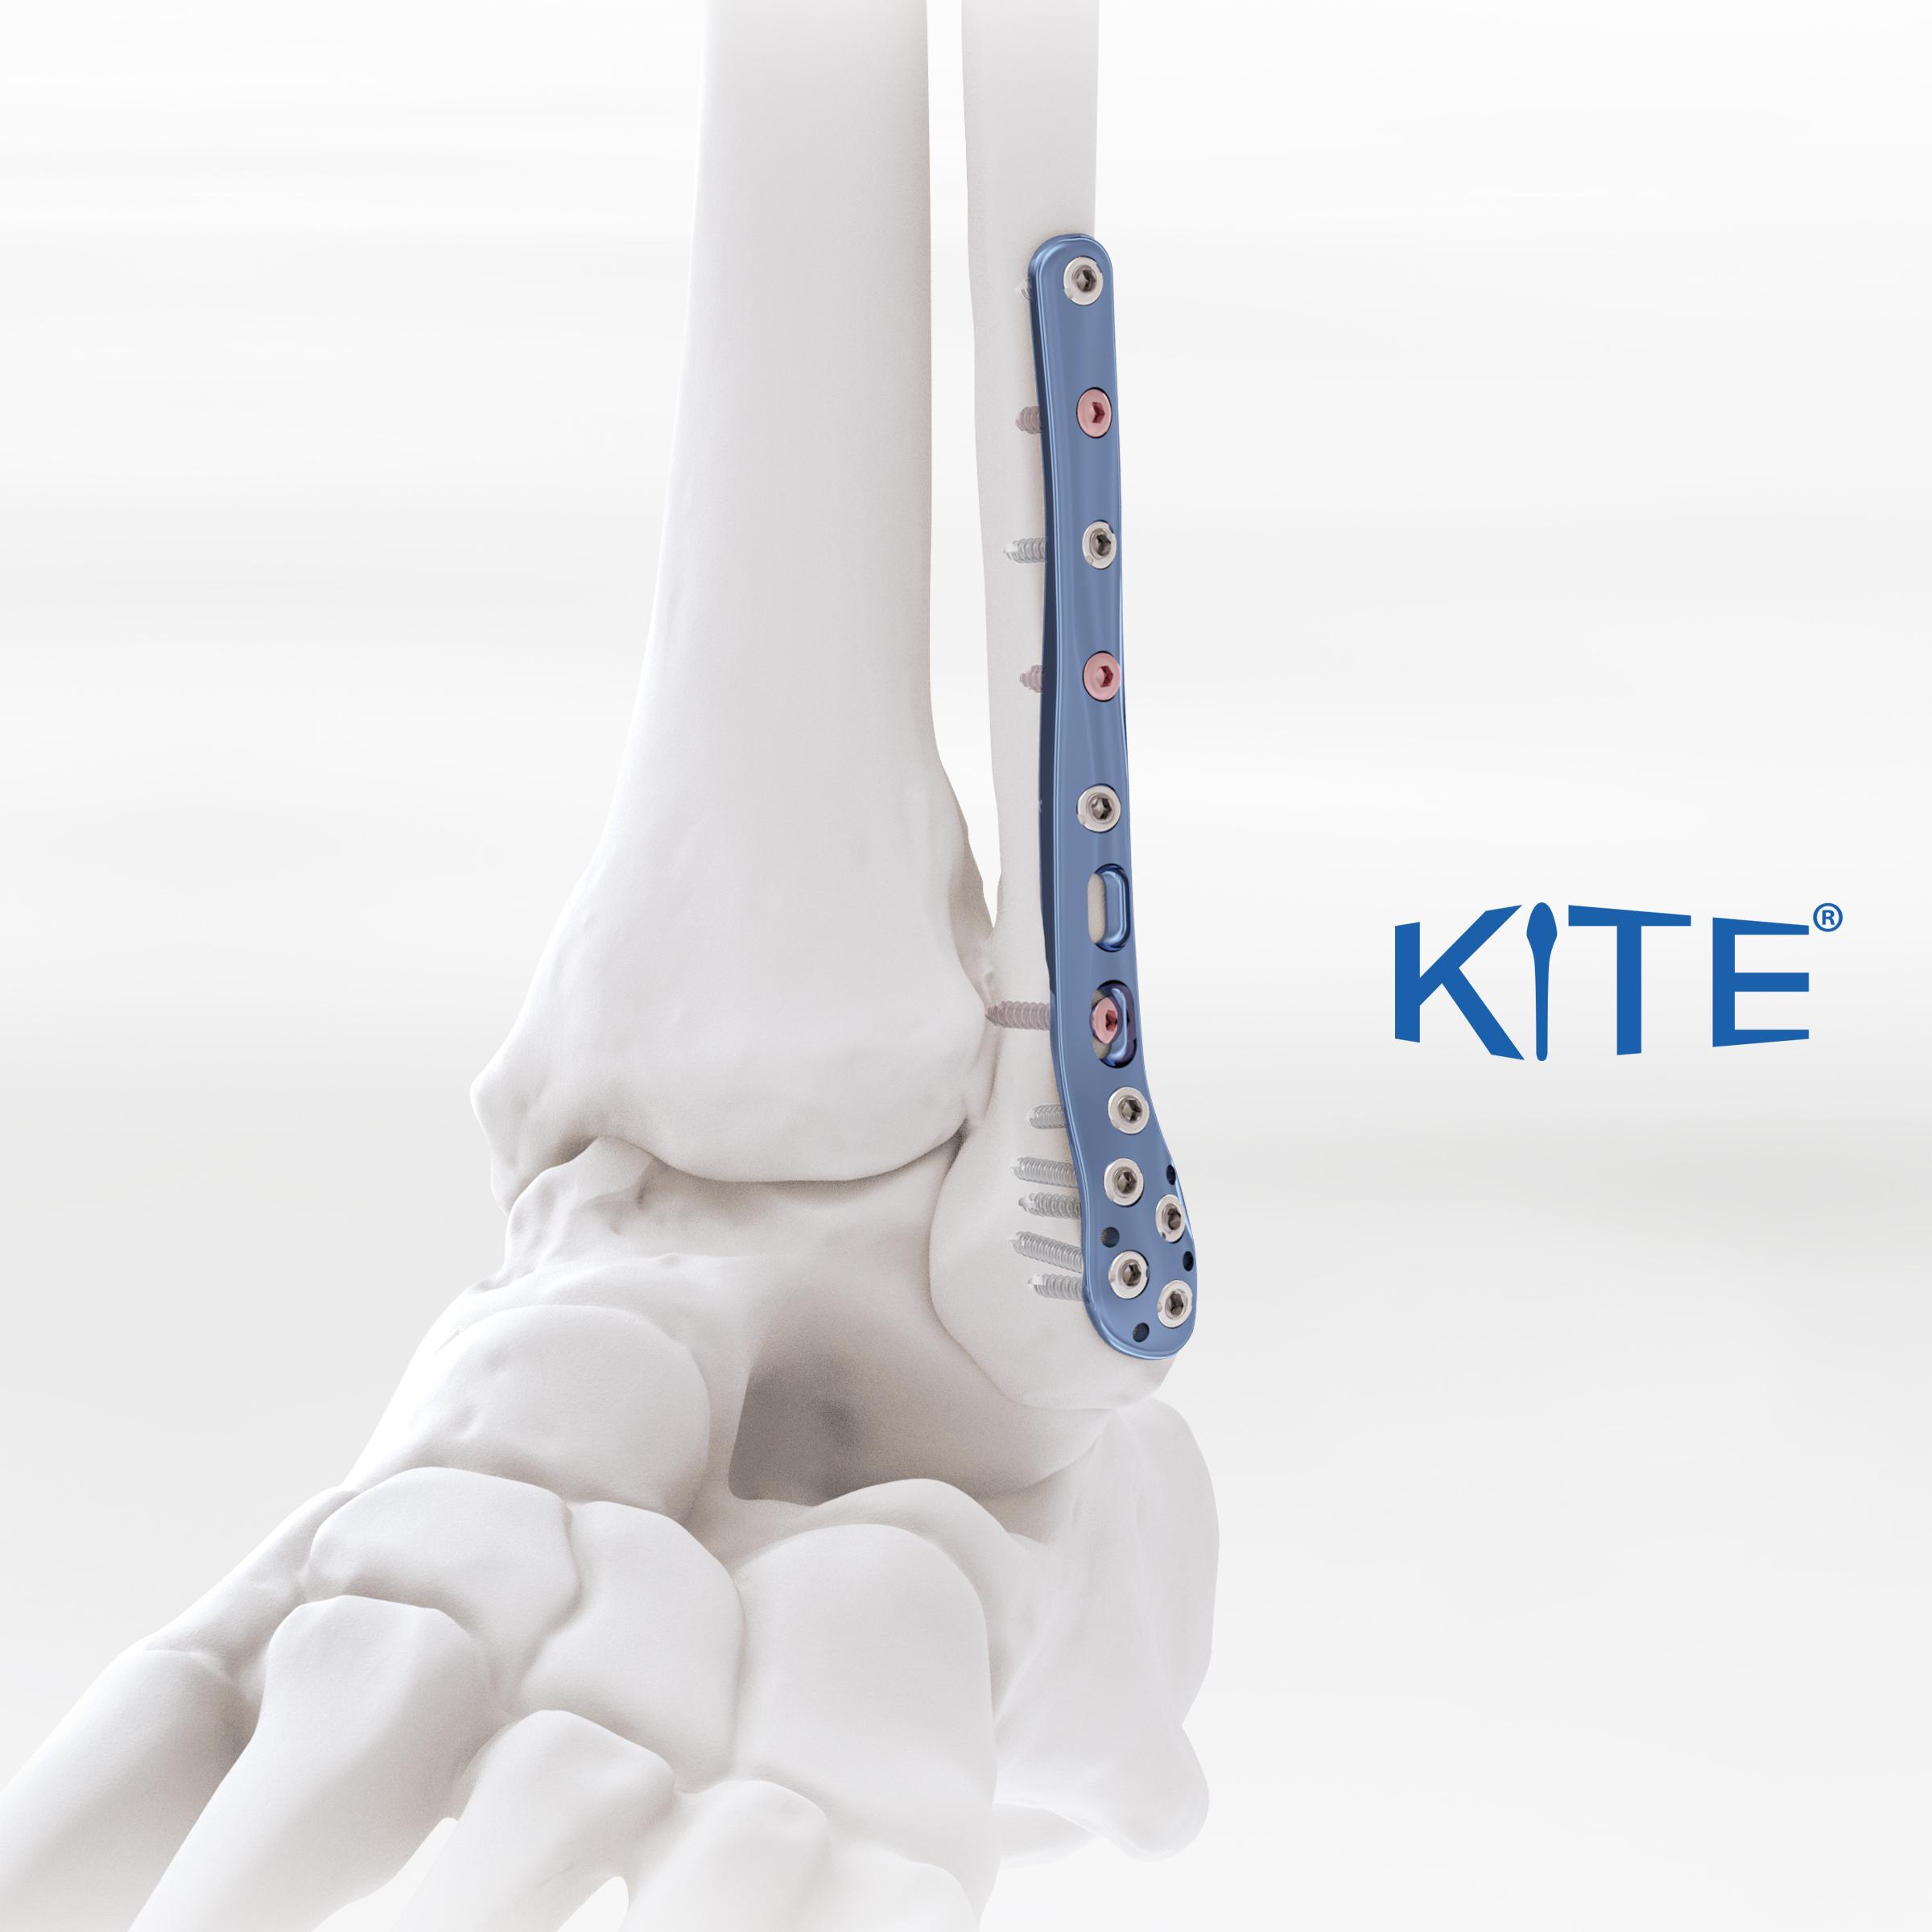 Kite anatomic